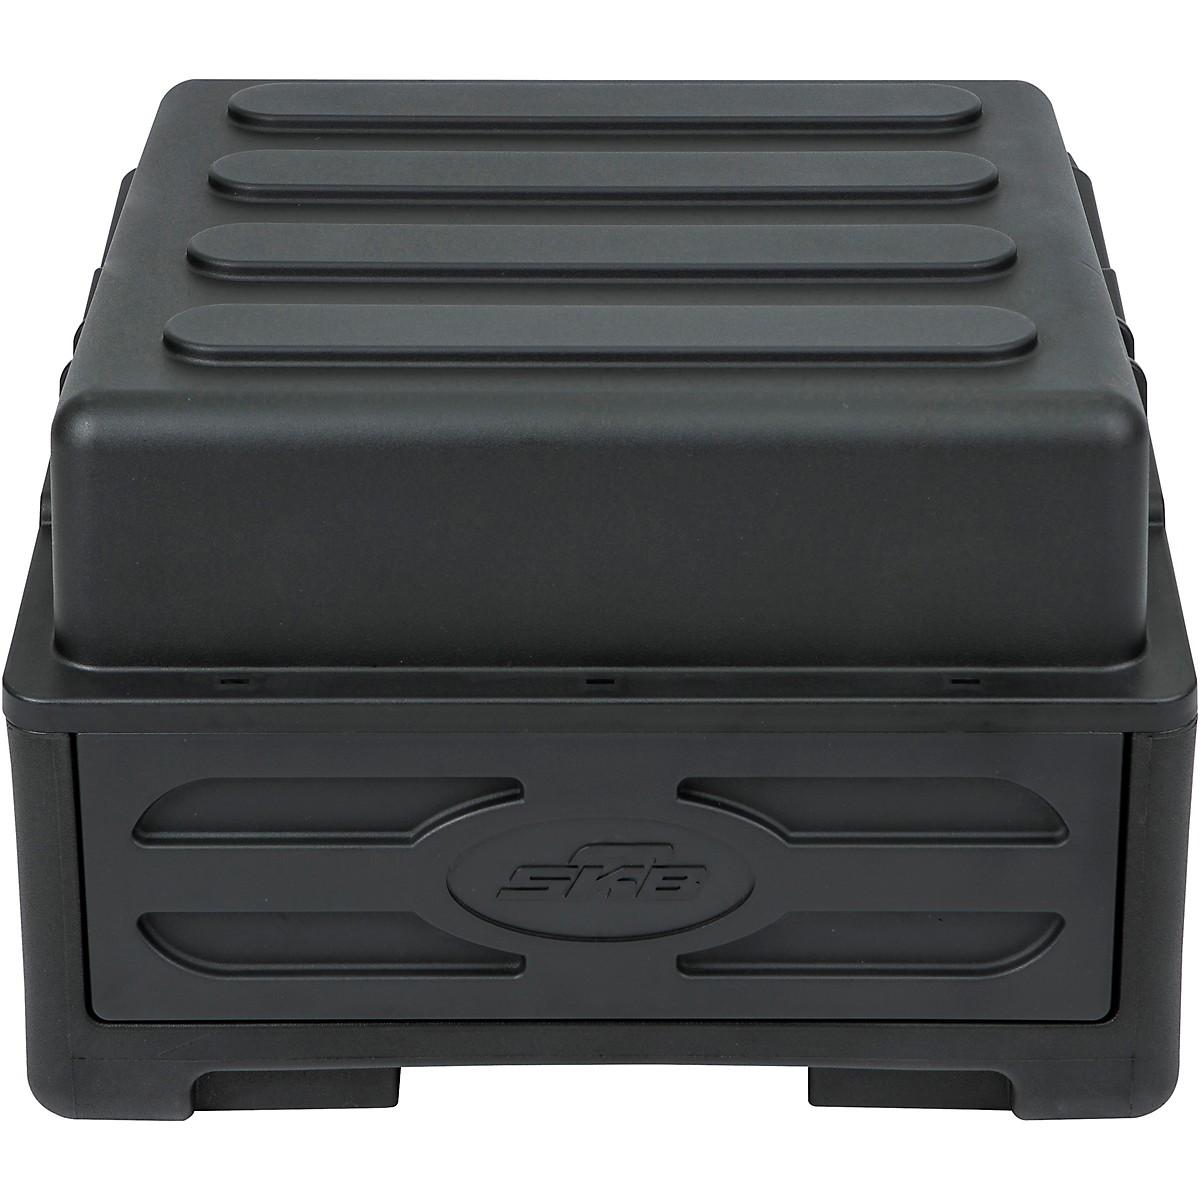 SKB 1SKB-R102W 10 x 2 Rolling Compact Rig